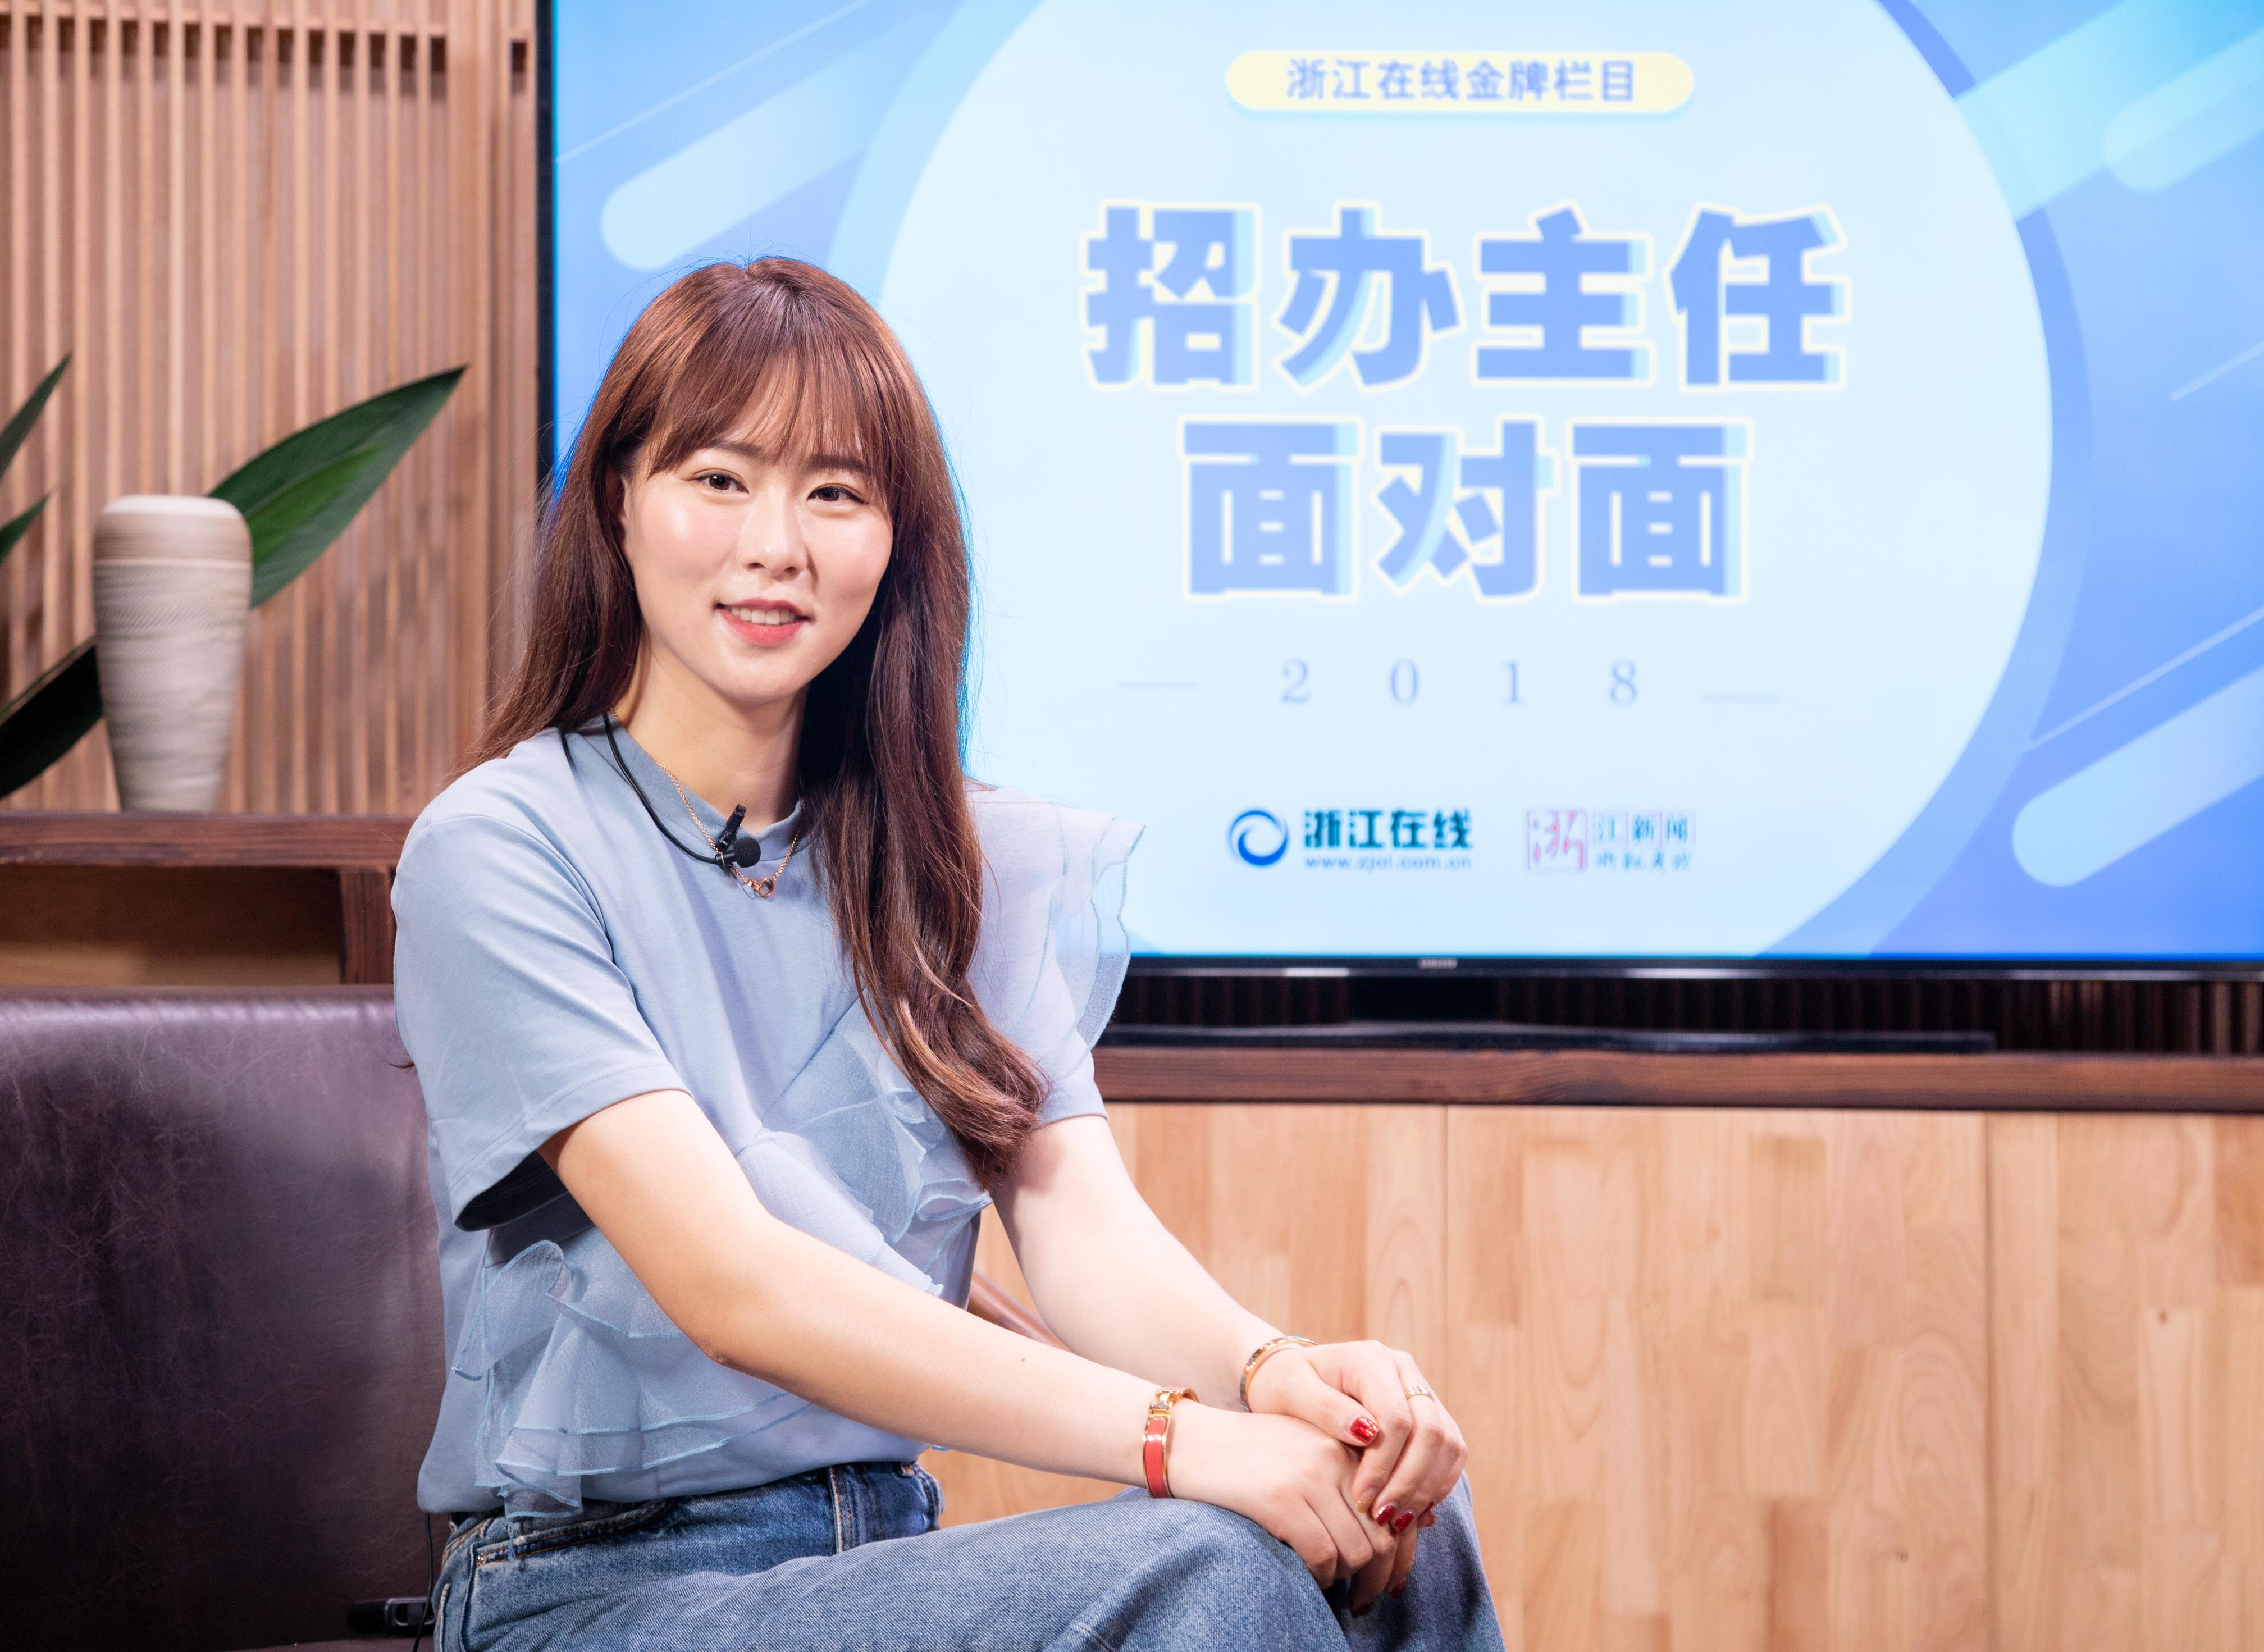 浙江纺织服装职业技术学院:2018年计划招生3242名,助力浙江时尚产业人才培养